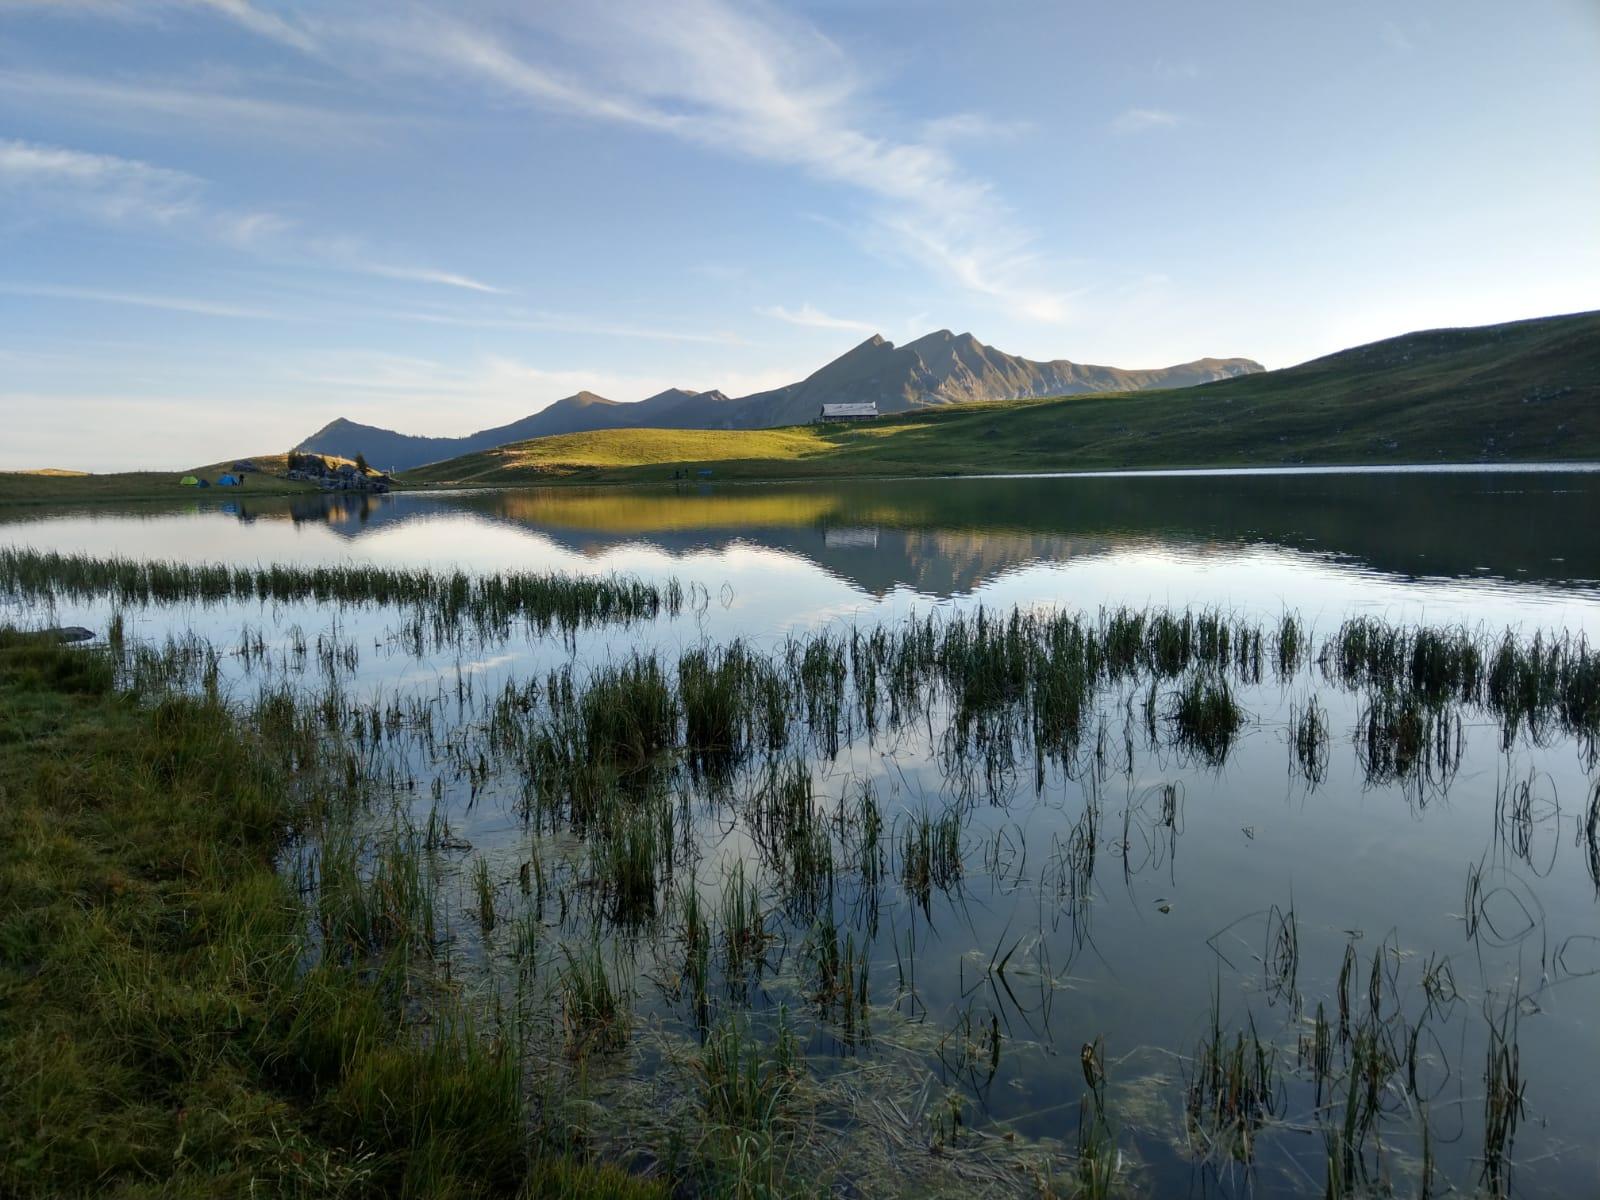 Fischen, Alpenfischer, Bergsee, Seefeldsee